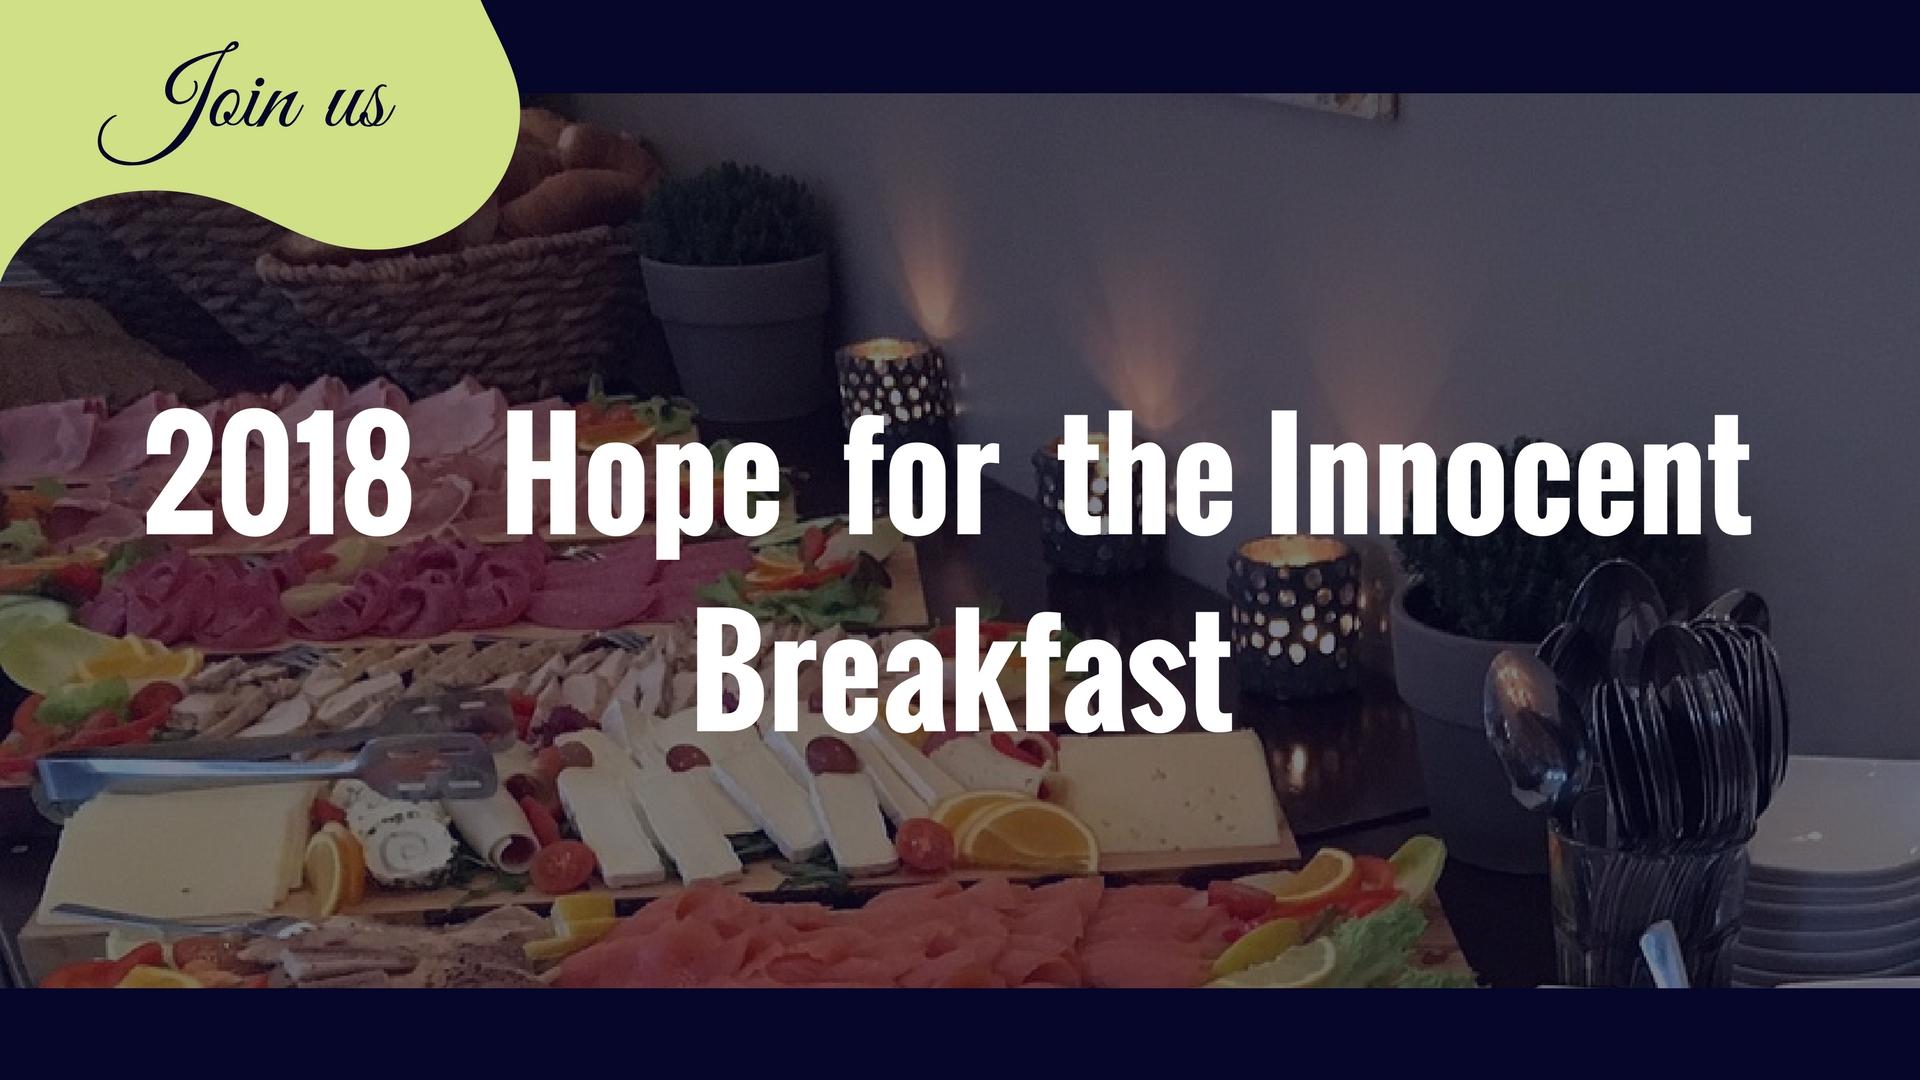 2018 Hope for the Innocent Breakfast